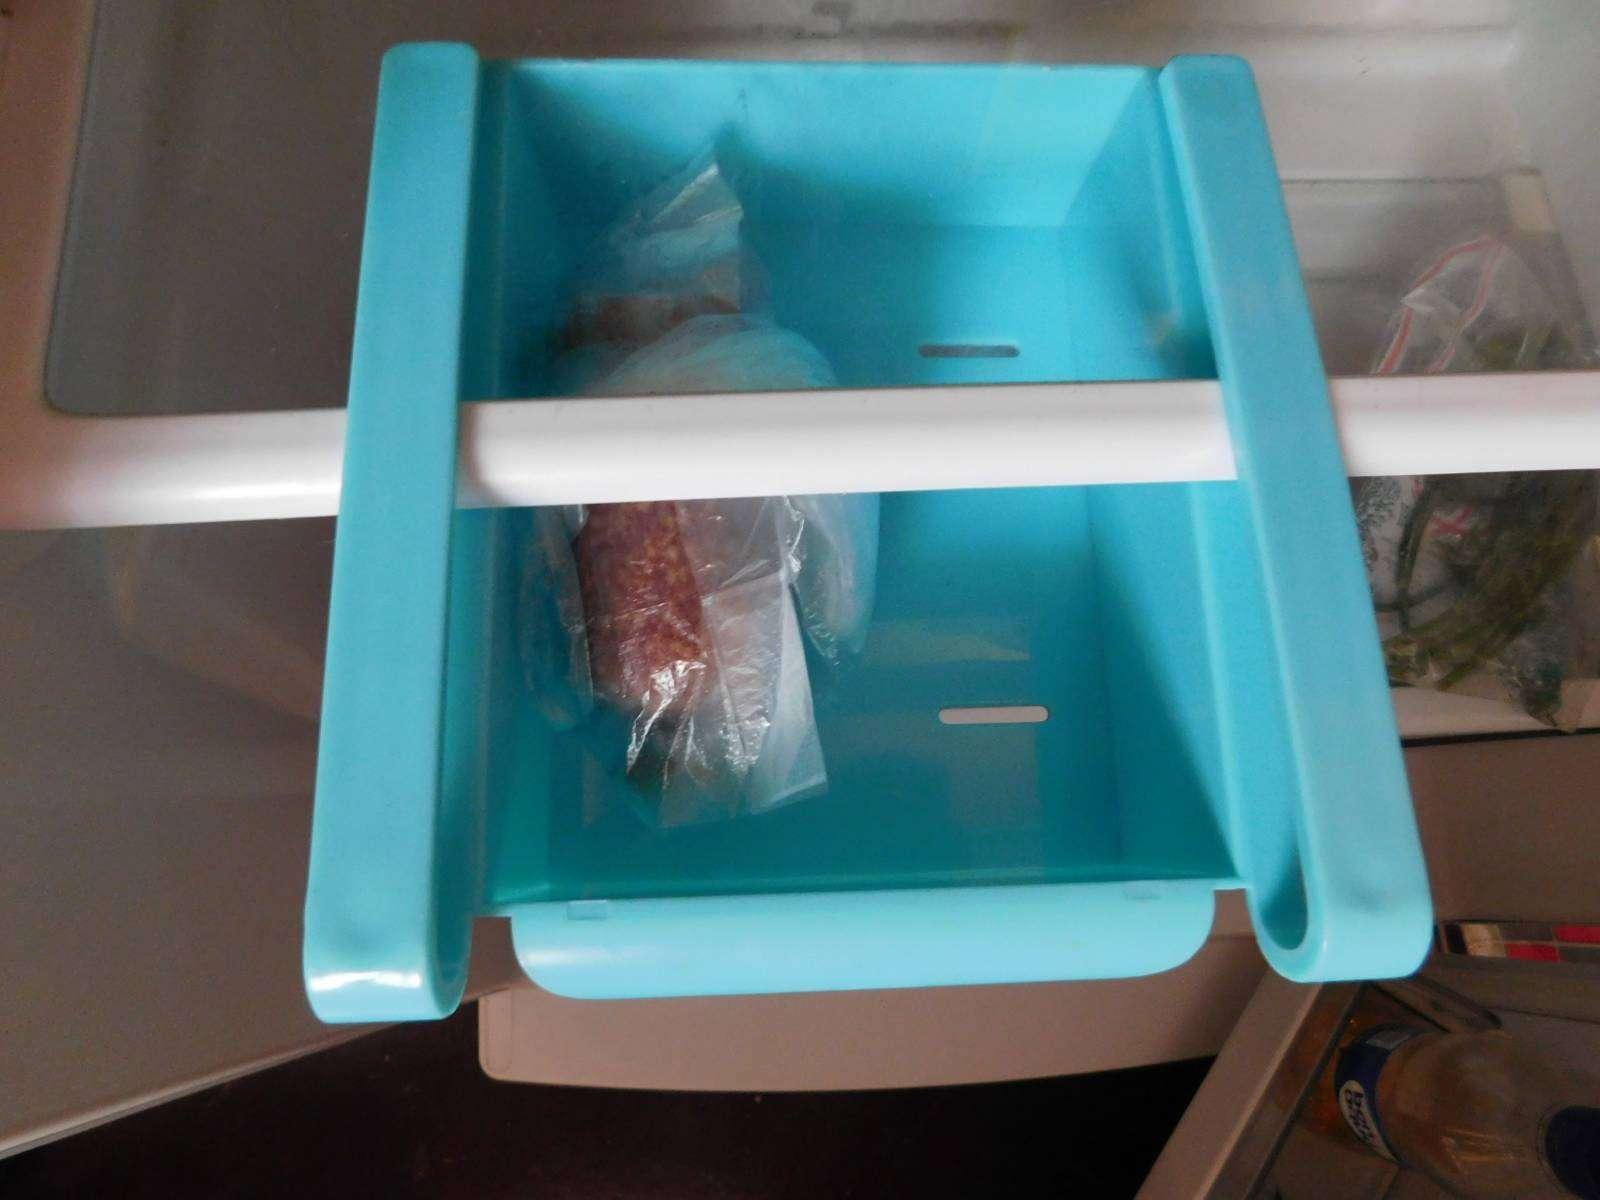 GearBest: Дополнительный ящик полка в холодильник